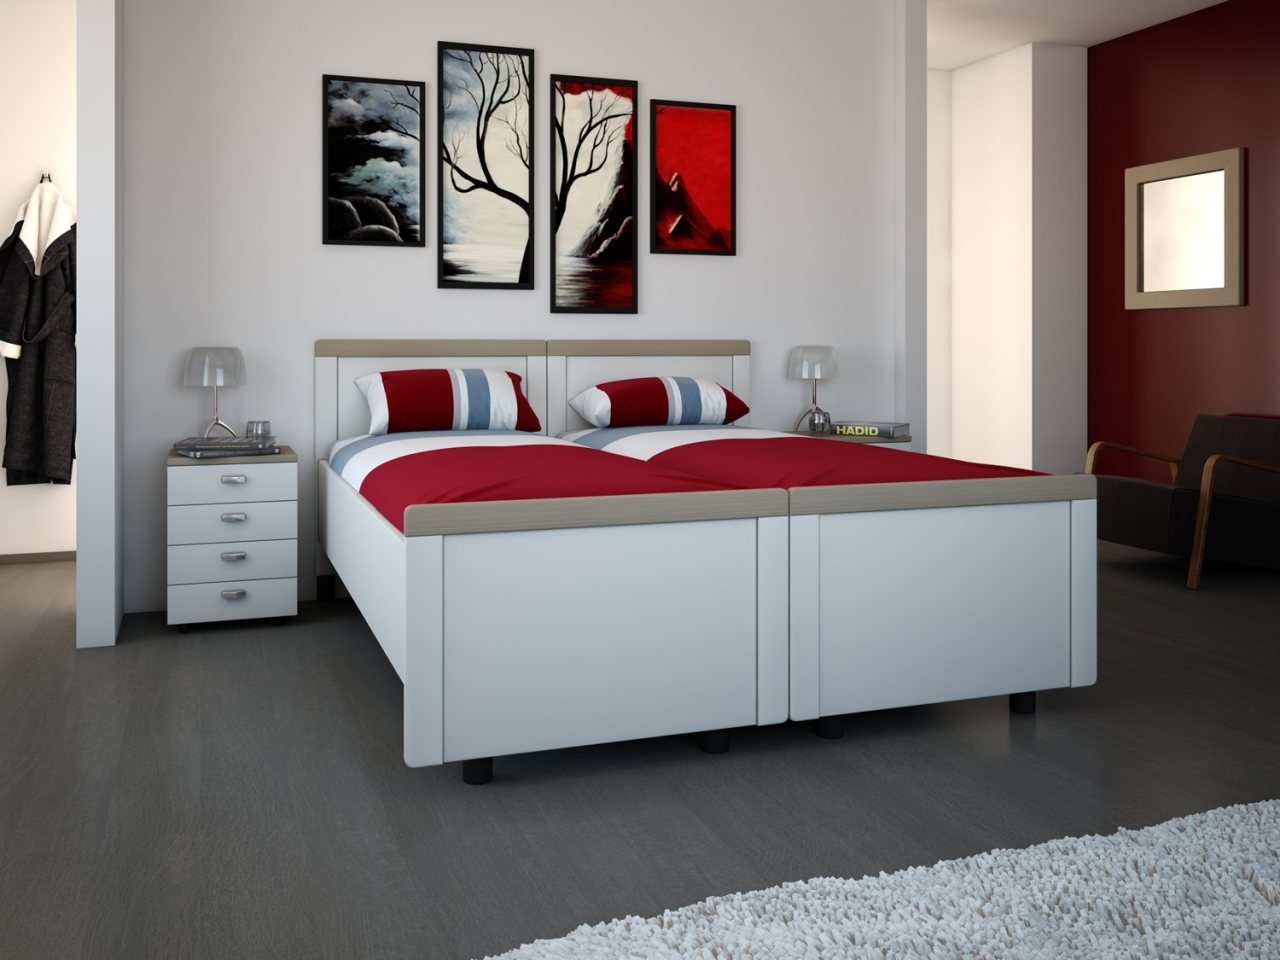 Zondag nederlandse slaapkamer fabrikant - Slaapkamer kasten modellen slapen ...